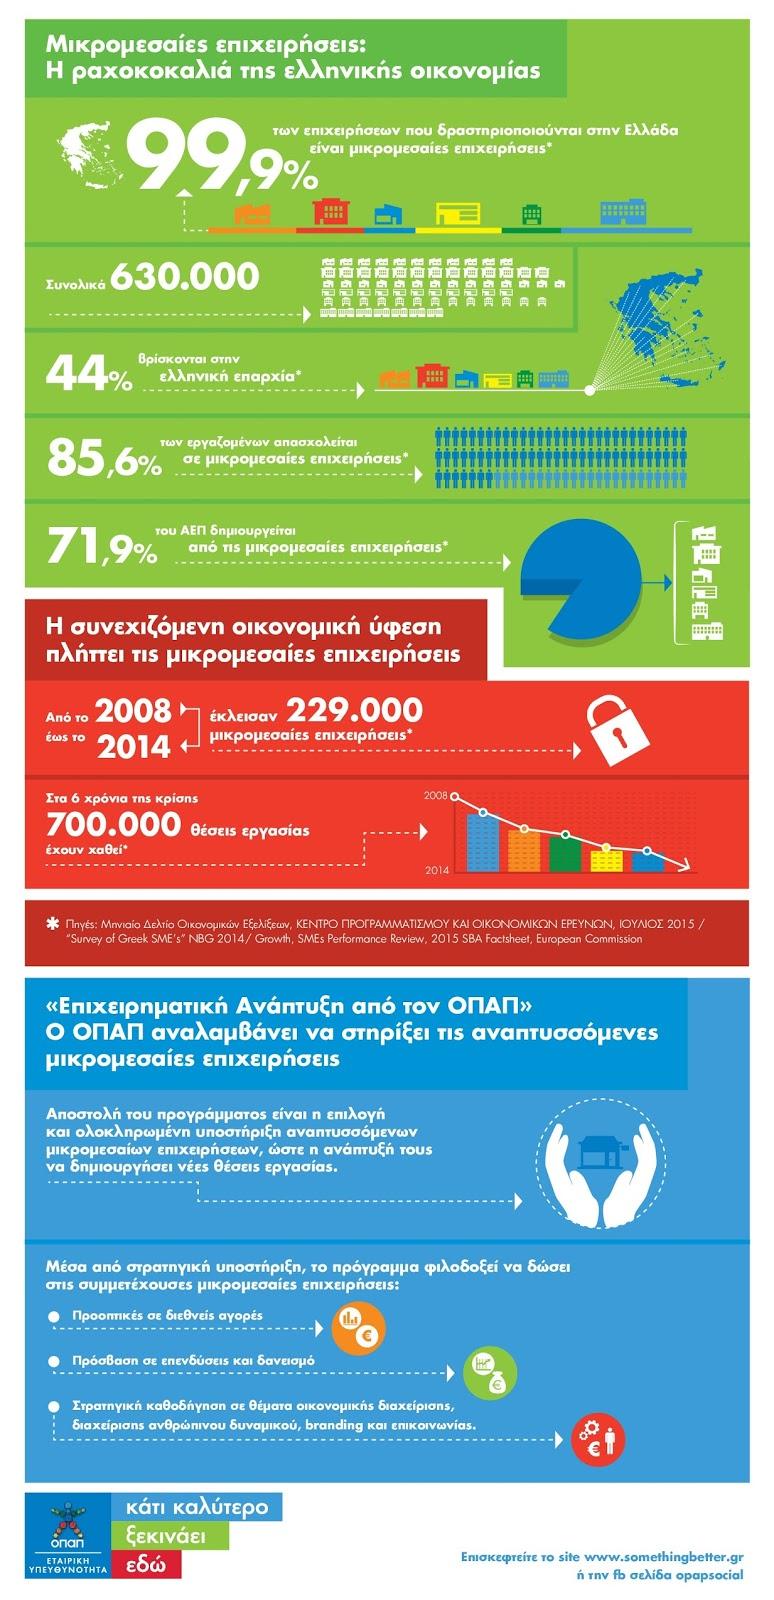 Πρόγραμμα «Επιχειρηματική Ανάπτυξη από τον ΟΠΑΠ» για την υποστήριξη των μικρομεσαίων επιχειρήσεων